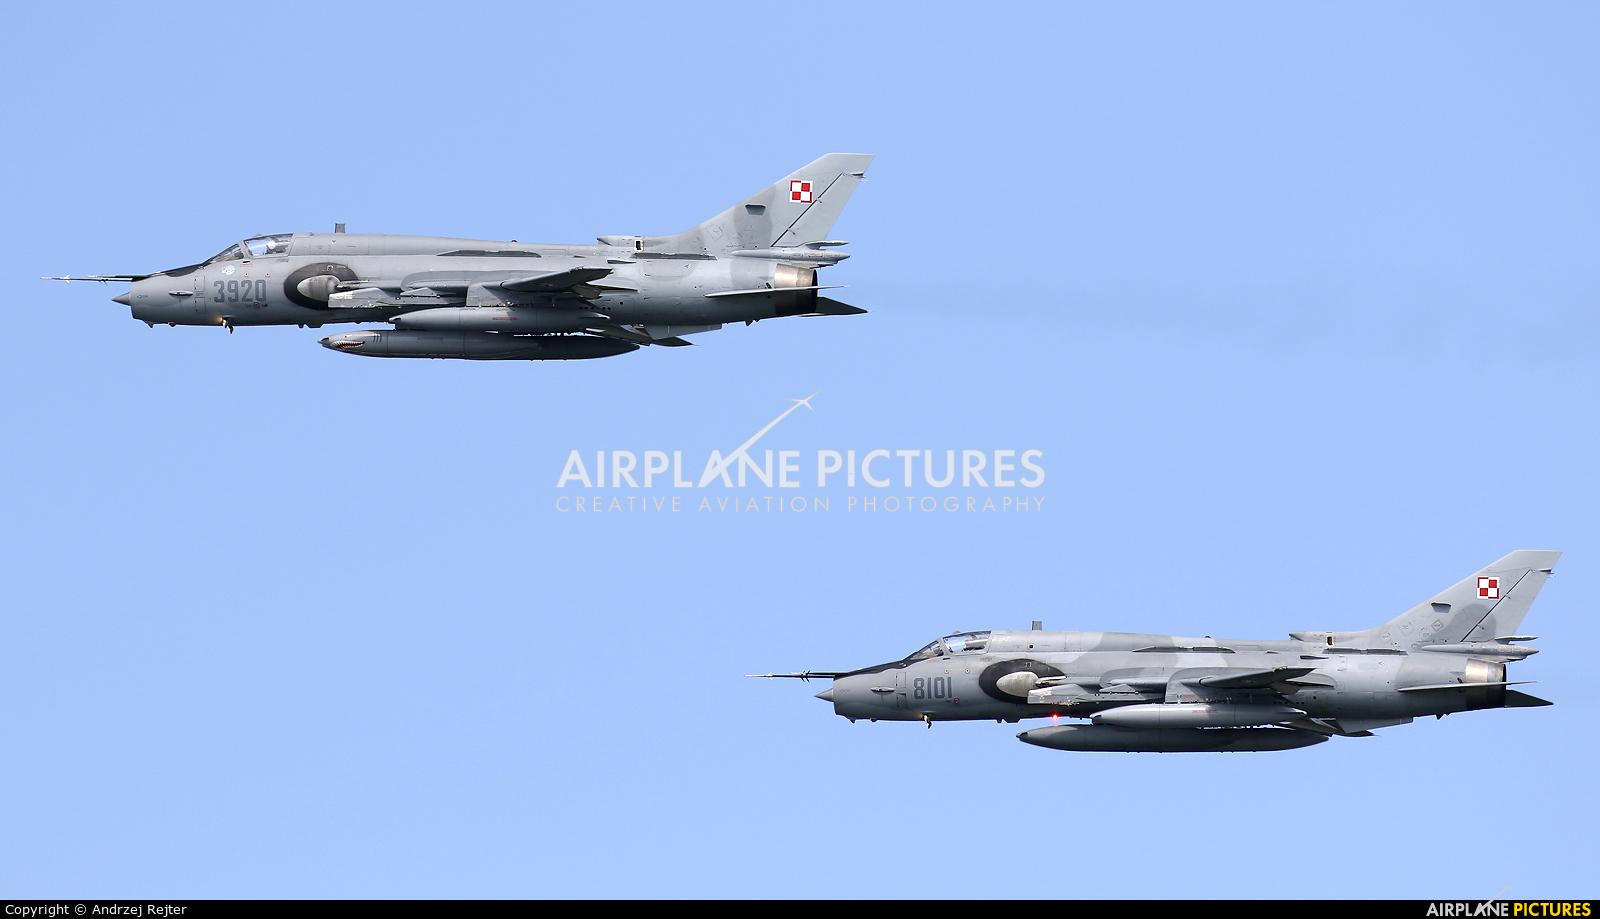 Poland - Air Force 3920 aircraft at Giżycko